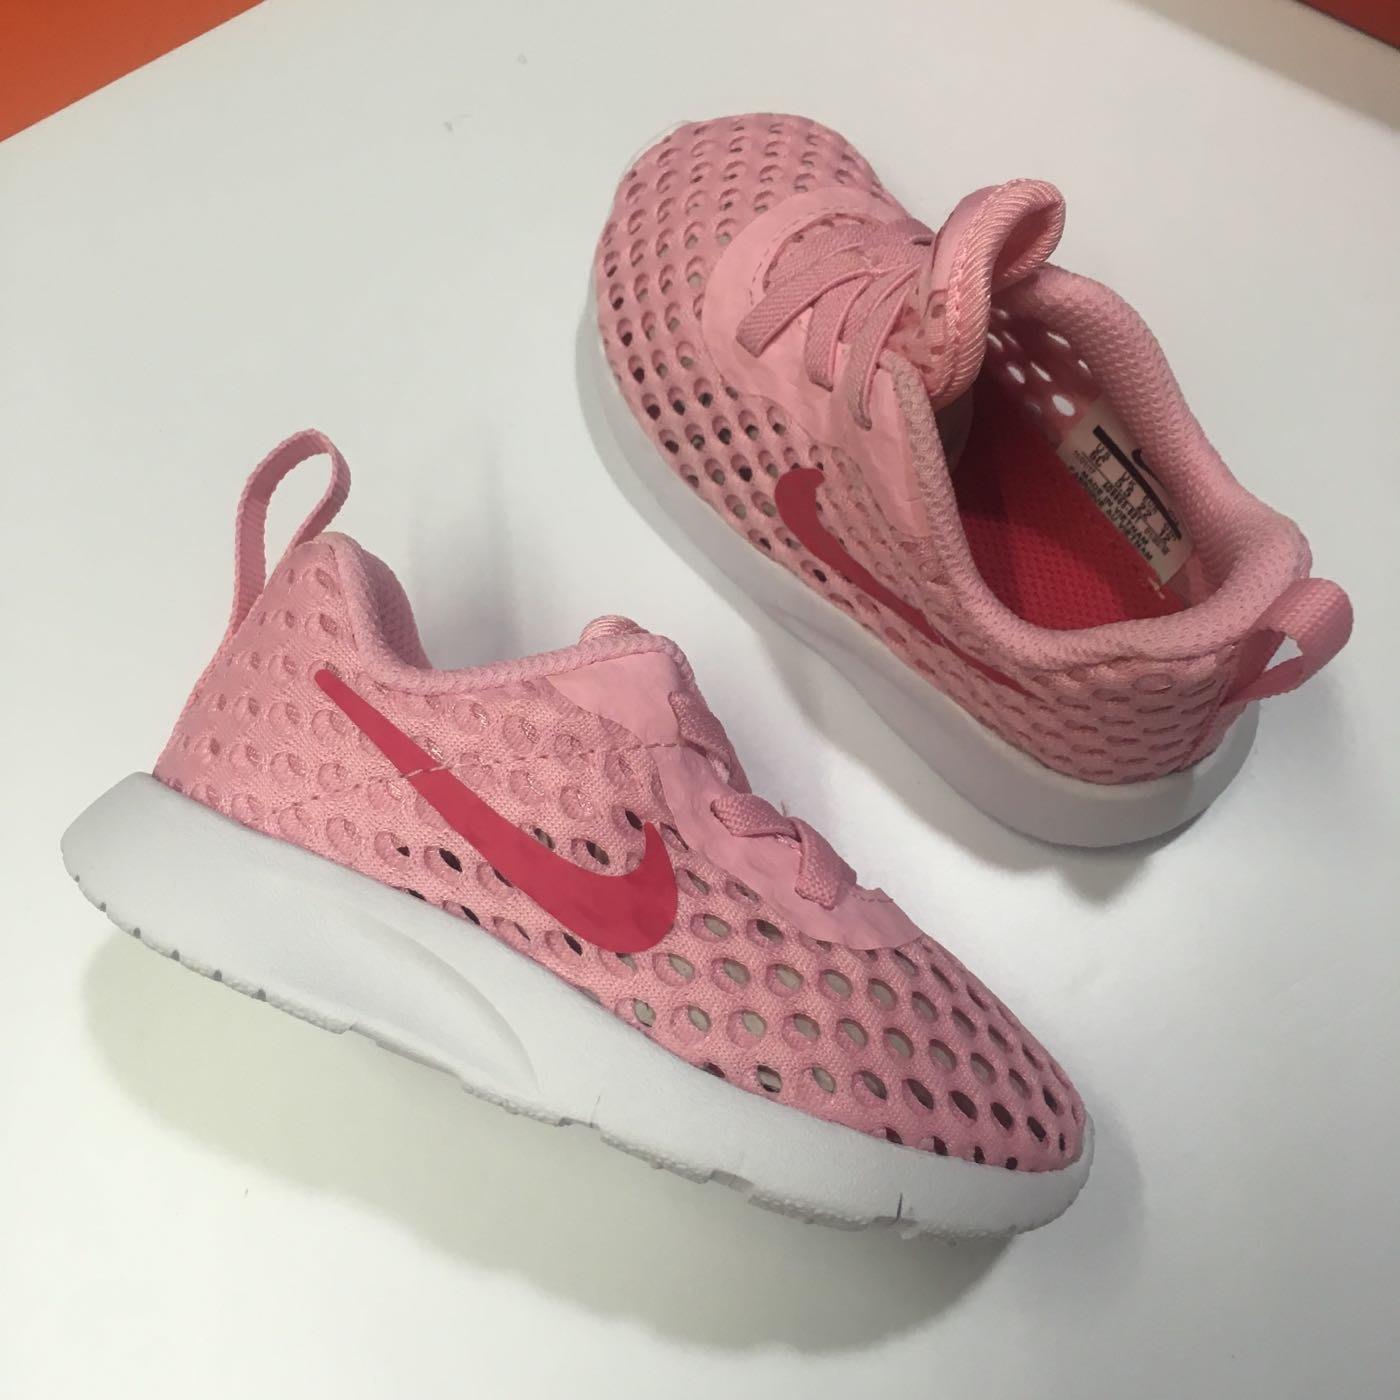 Nike 兒童運動鞋 小童鞋 鬆緊鞋帶 免綁鞋帶 尺寸:6/12cm ~ 10/16cm